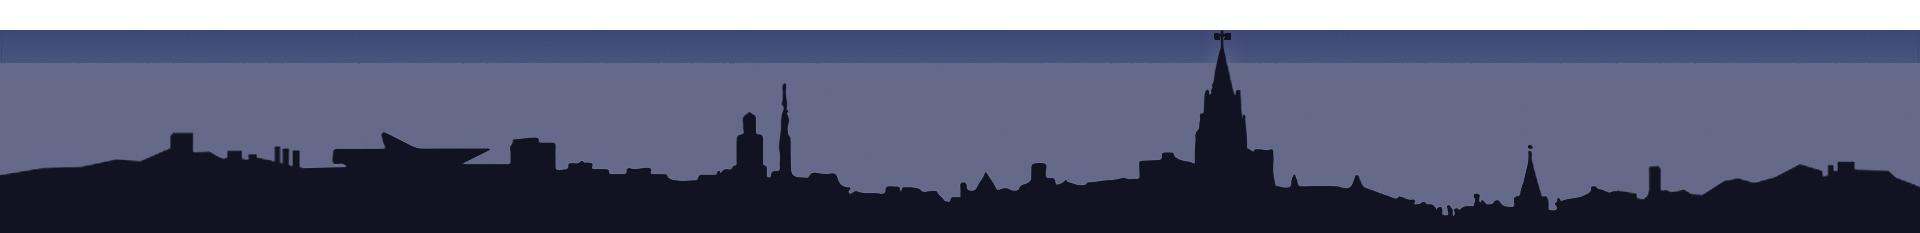 skyline-oviedo-2